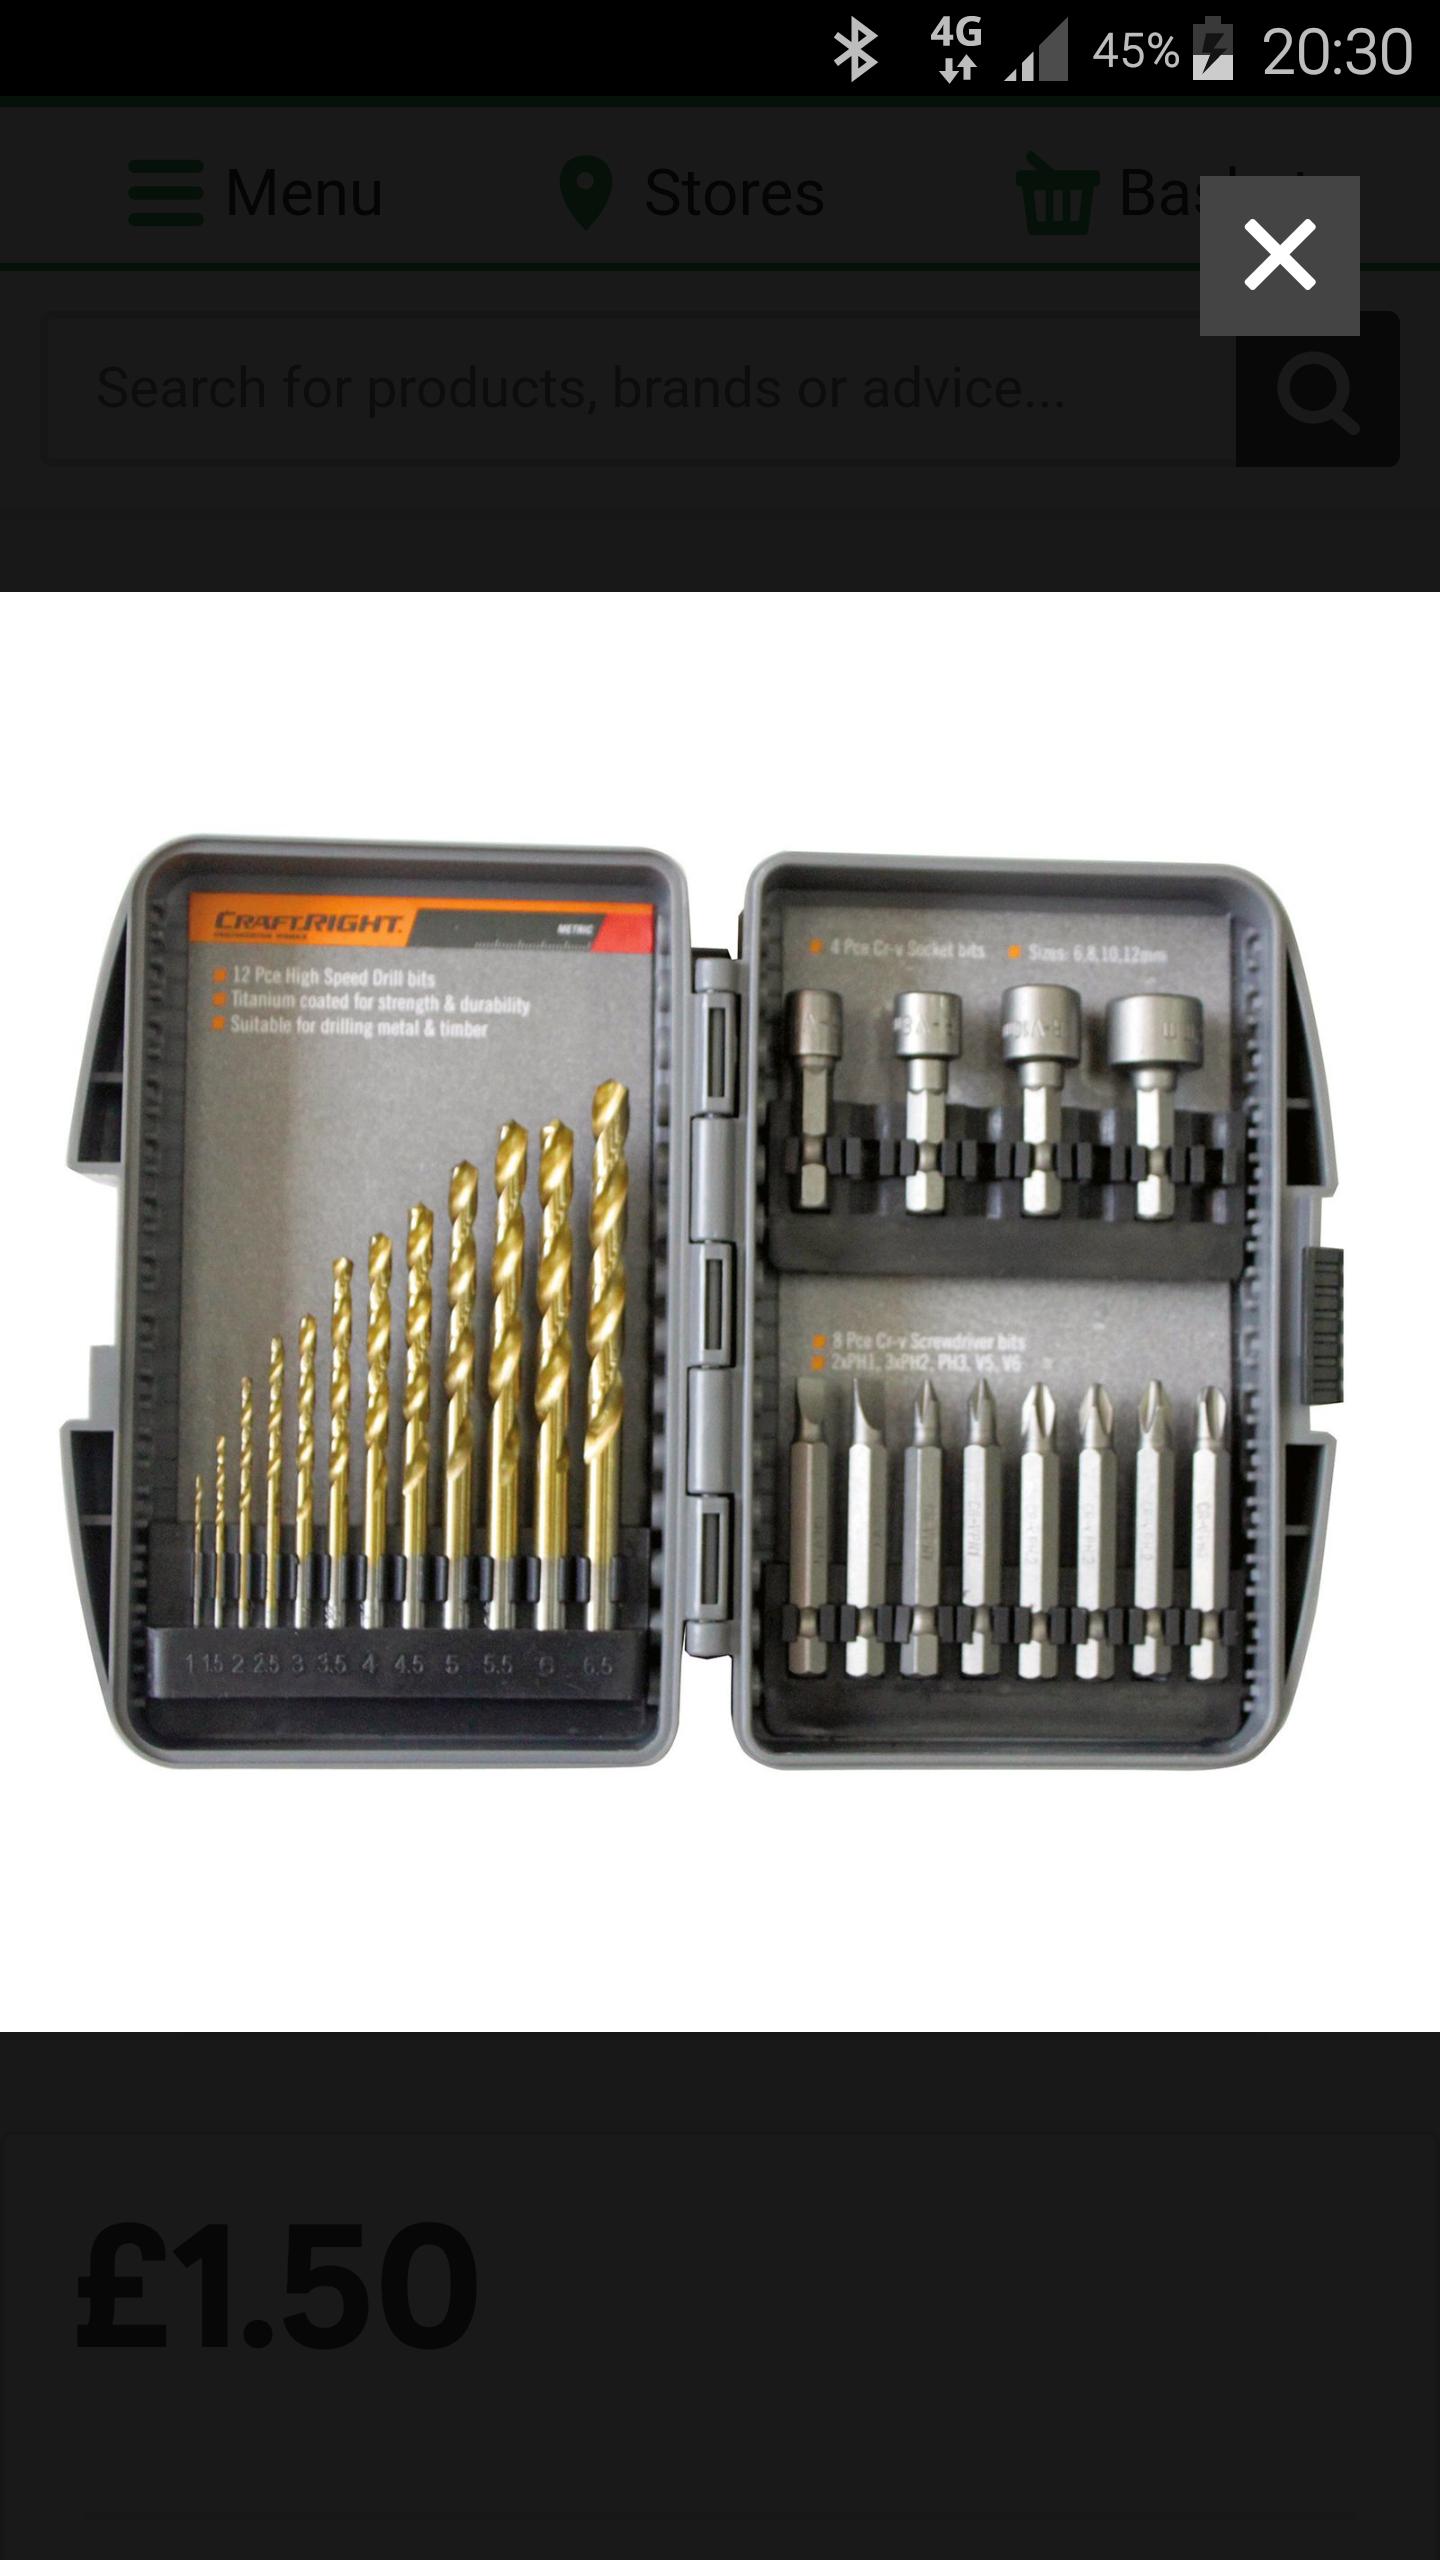 Craftright 24 Piece High Speed Drill & Bit Set £1.50 @ Homebase